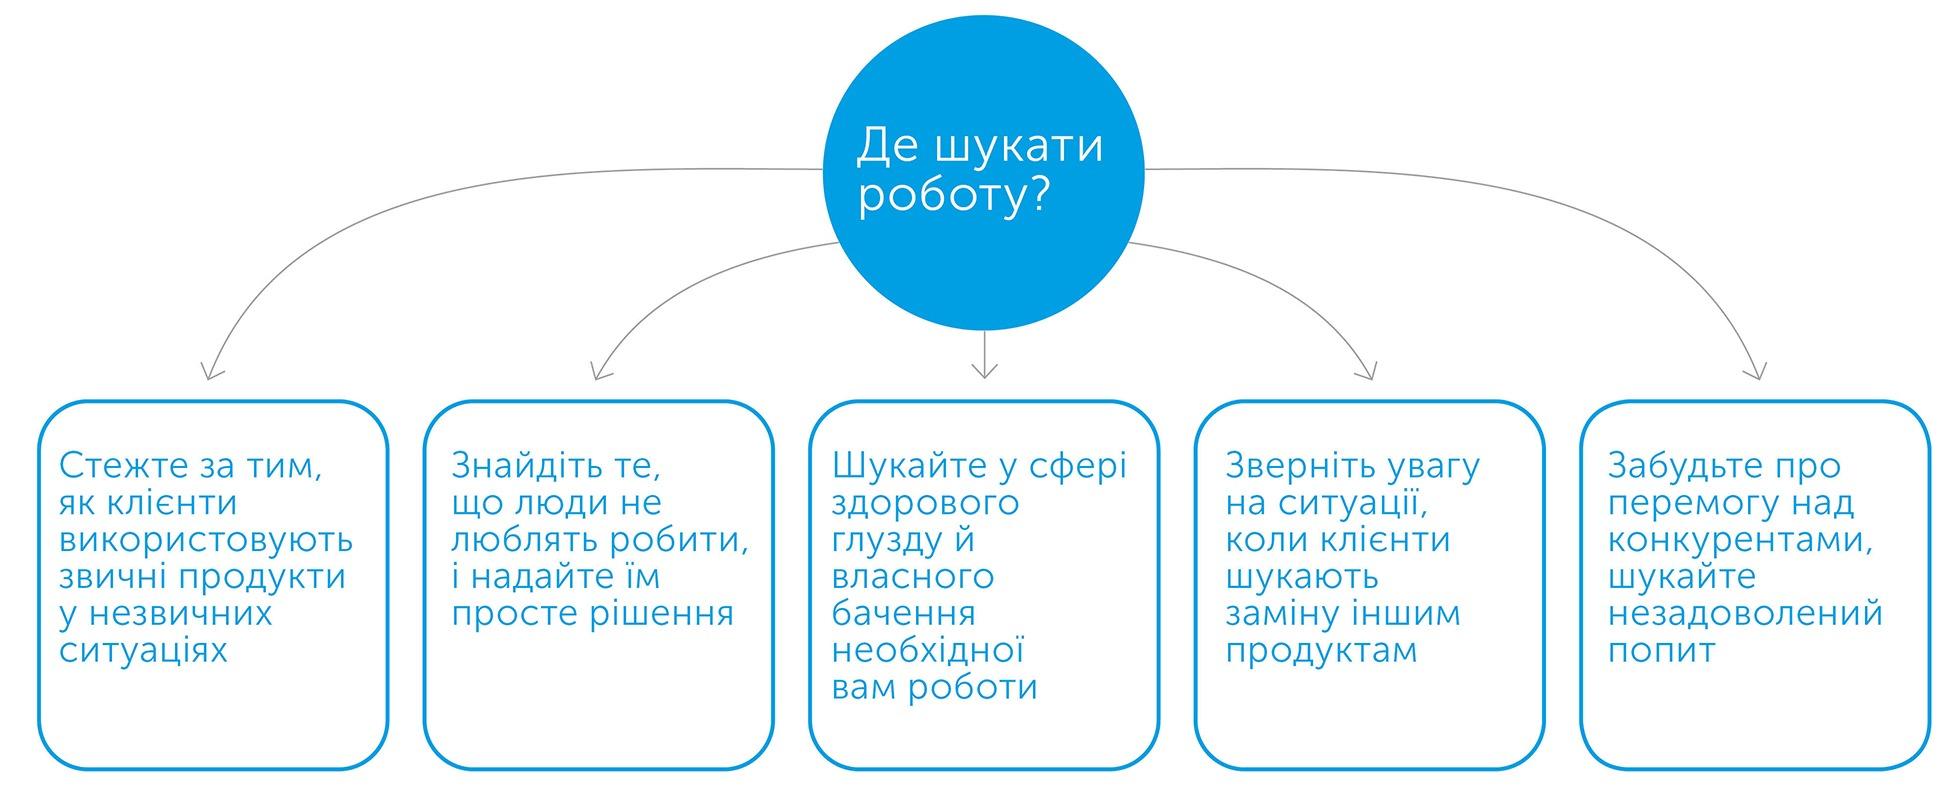 Як конкурувати, не покладаючись на удачу: історія про інновації та вибір споживача, автор Карен Діллон   Kyivstar Business Hub, зображення №5